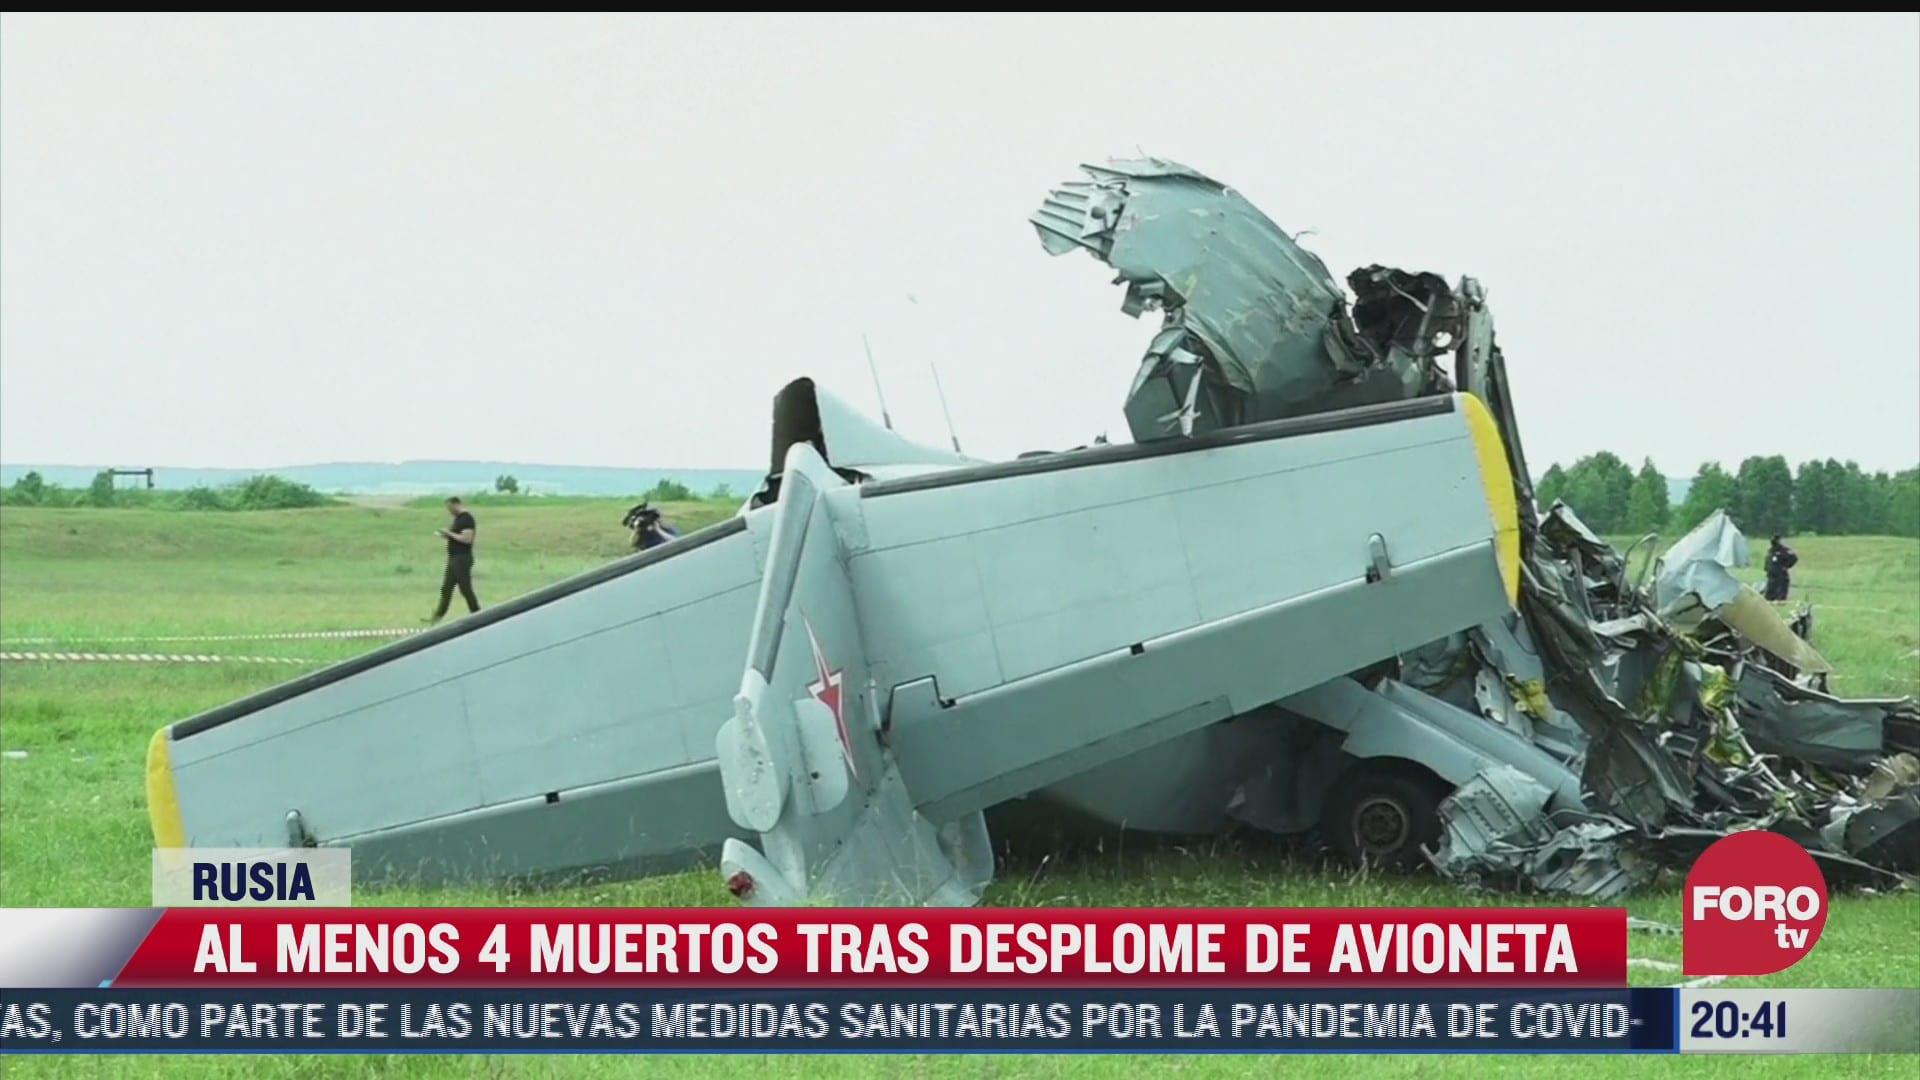 al menos 4 muertos tras desplome de avioneta en rusia